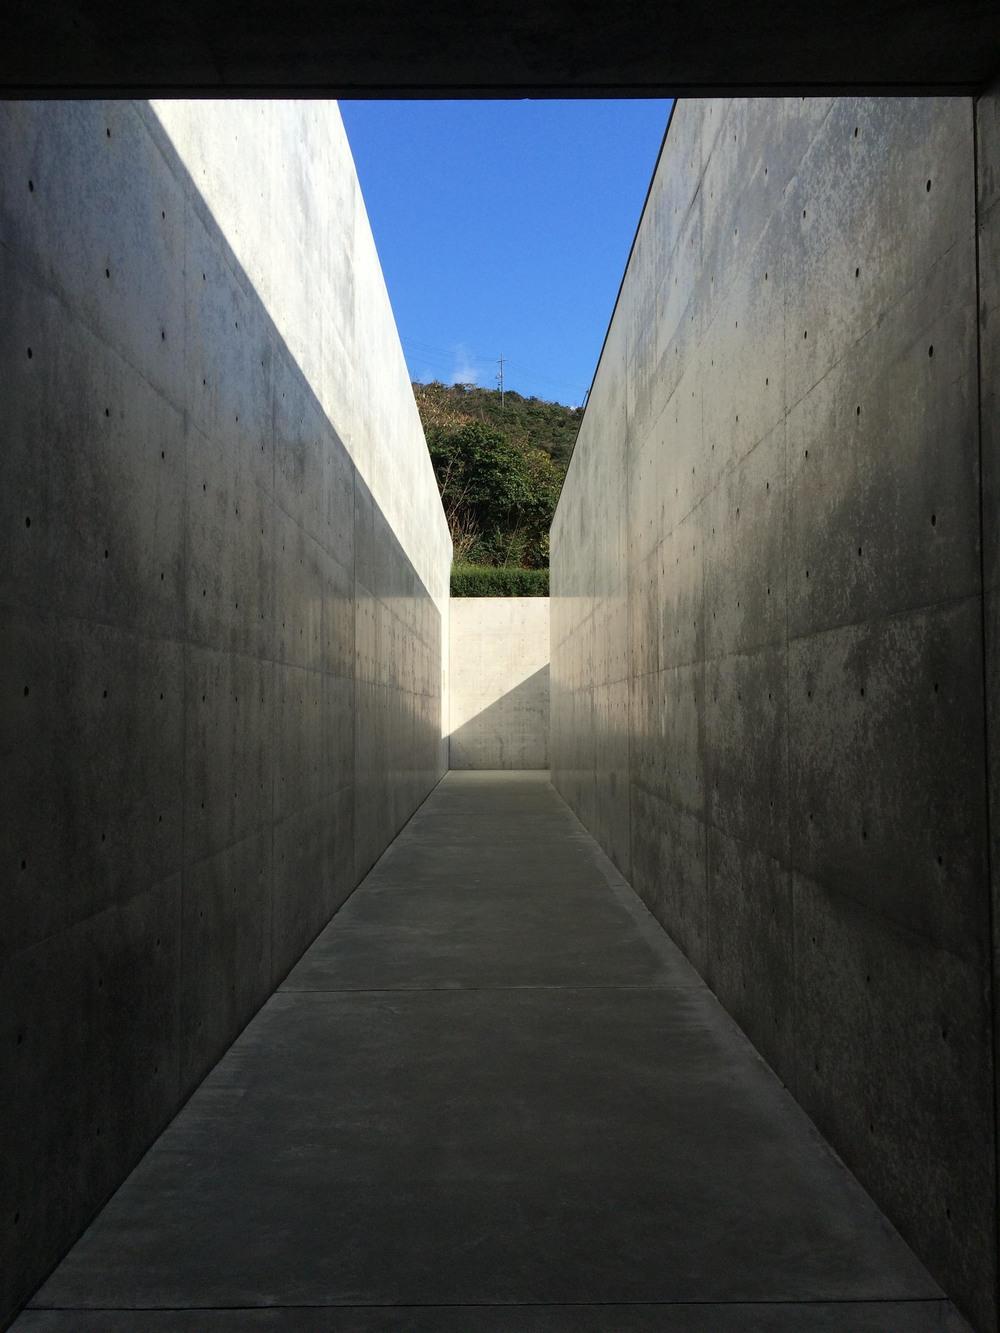 『......進入內部依舊是由許多狹長的走道與豁然開朗的空間構成,李禹煥希望美術館像洞窟一般,能夠看到半開放的天空,於是偶開的天窗就與藝術品產生互動,也有一種讓人回歸事物最原始的純粹情感......』